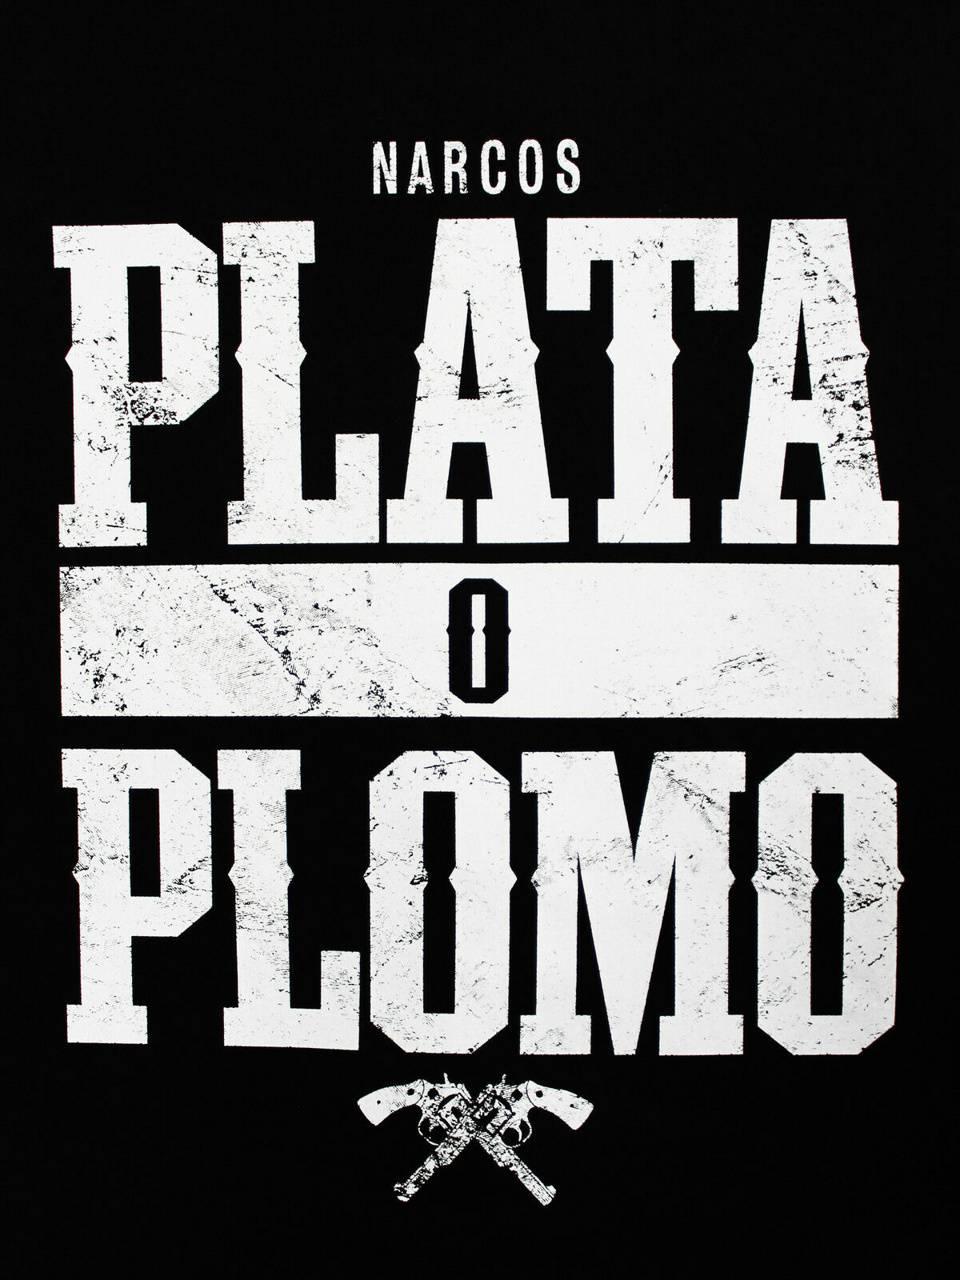 Plata O Plomo Wallpapers - Wallpaper Cave